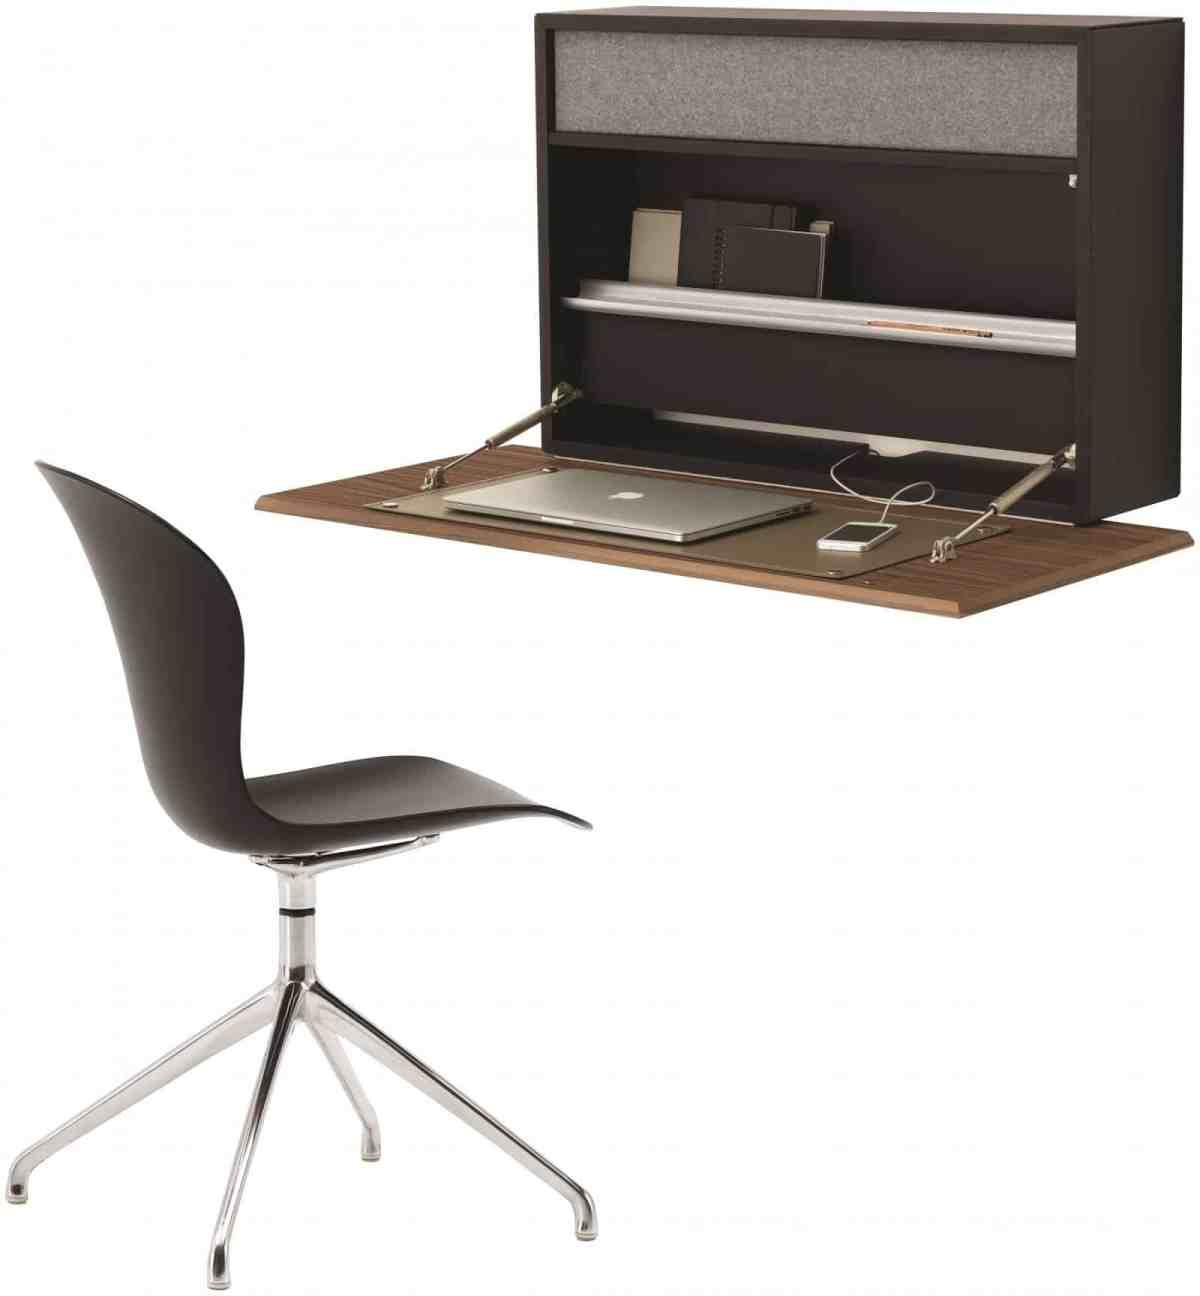 Cupertino Wall Office schwarz Eiche BoConcept - Cupertino Wall Office - Schreibtisch und Schrank in Einem